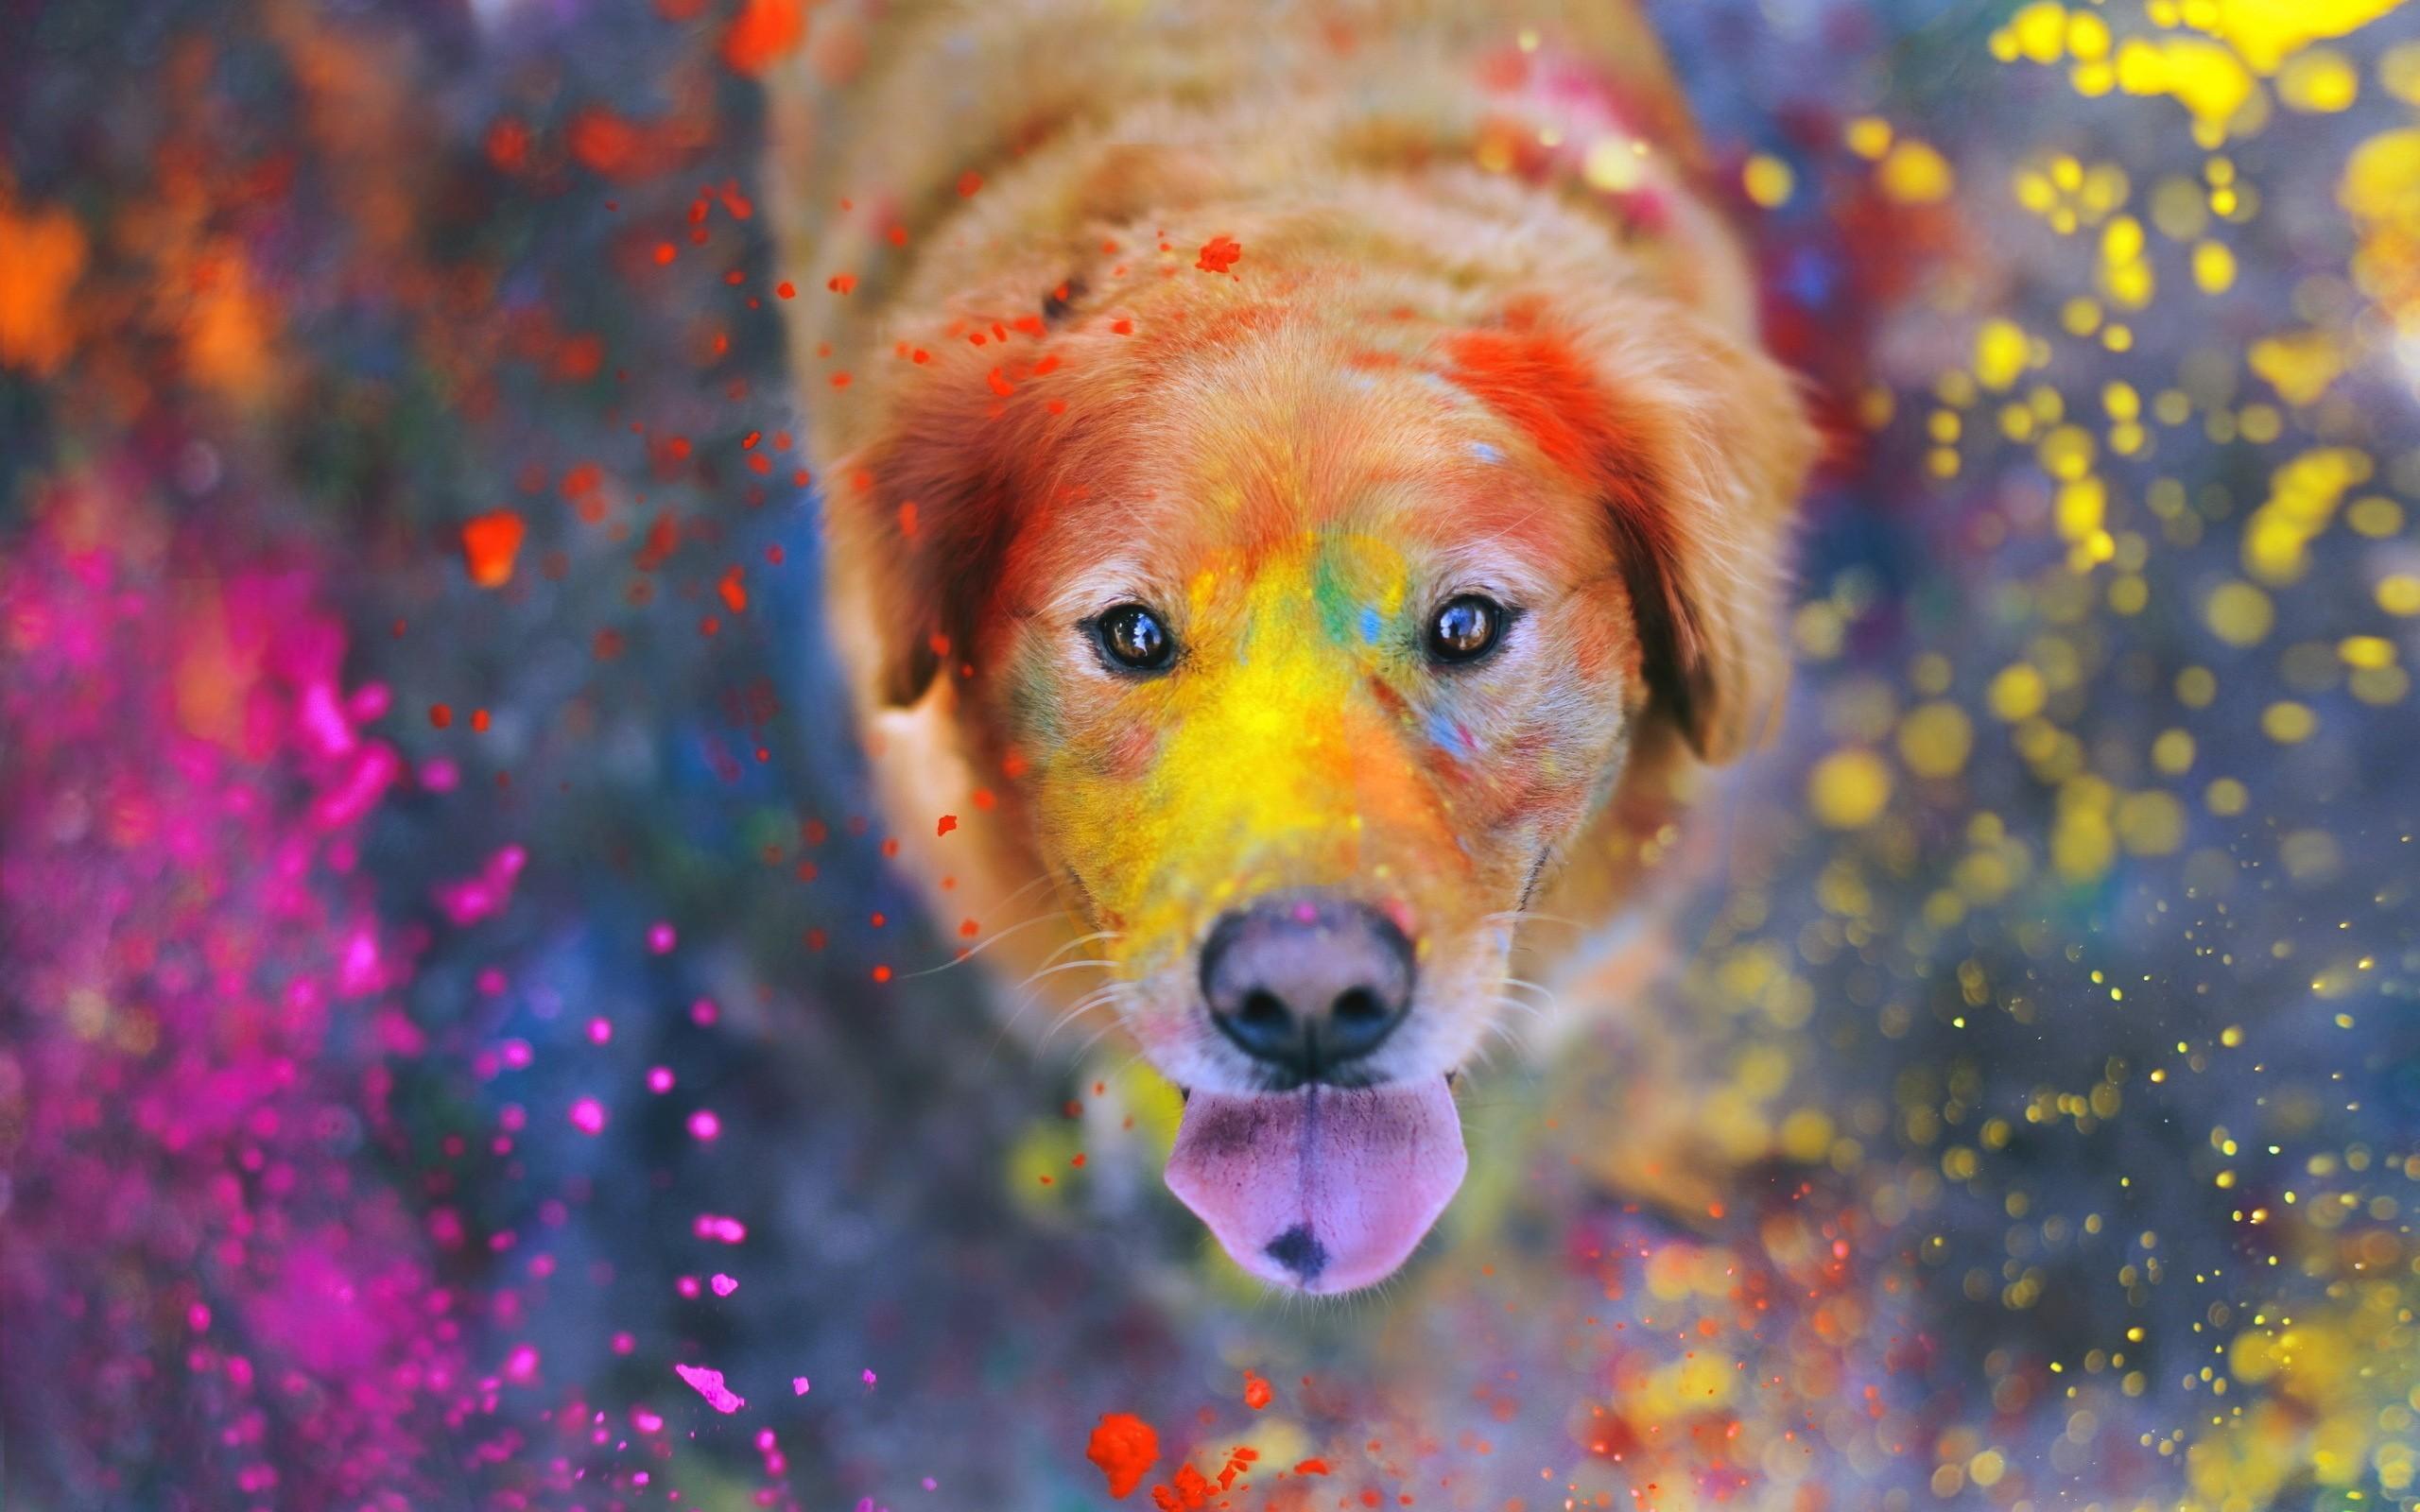 Masaüstü Renkli Boyama Hayvanlar Boya Sıçrama Labrador Köpeği